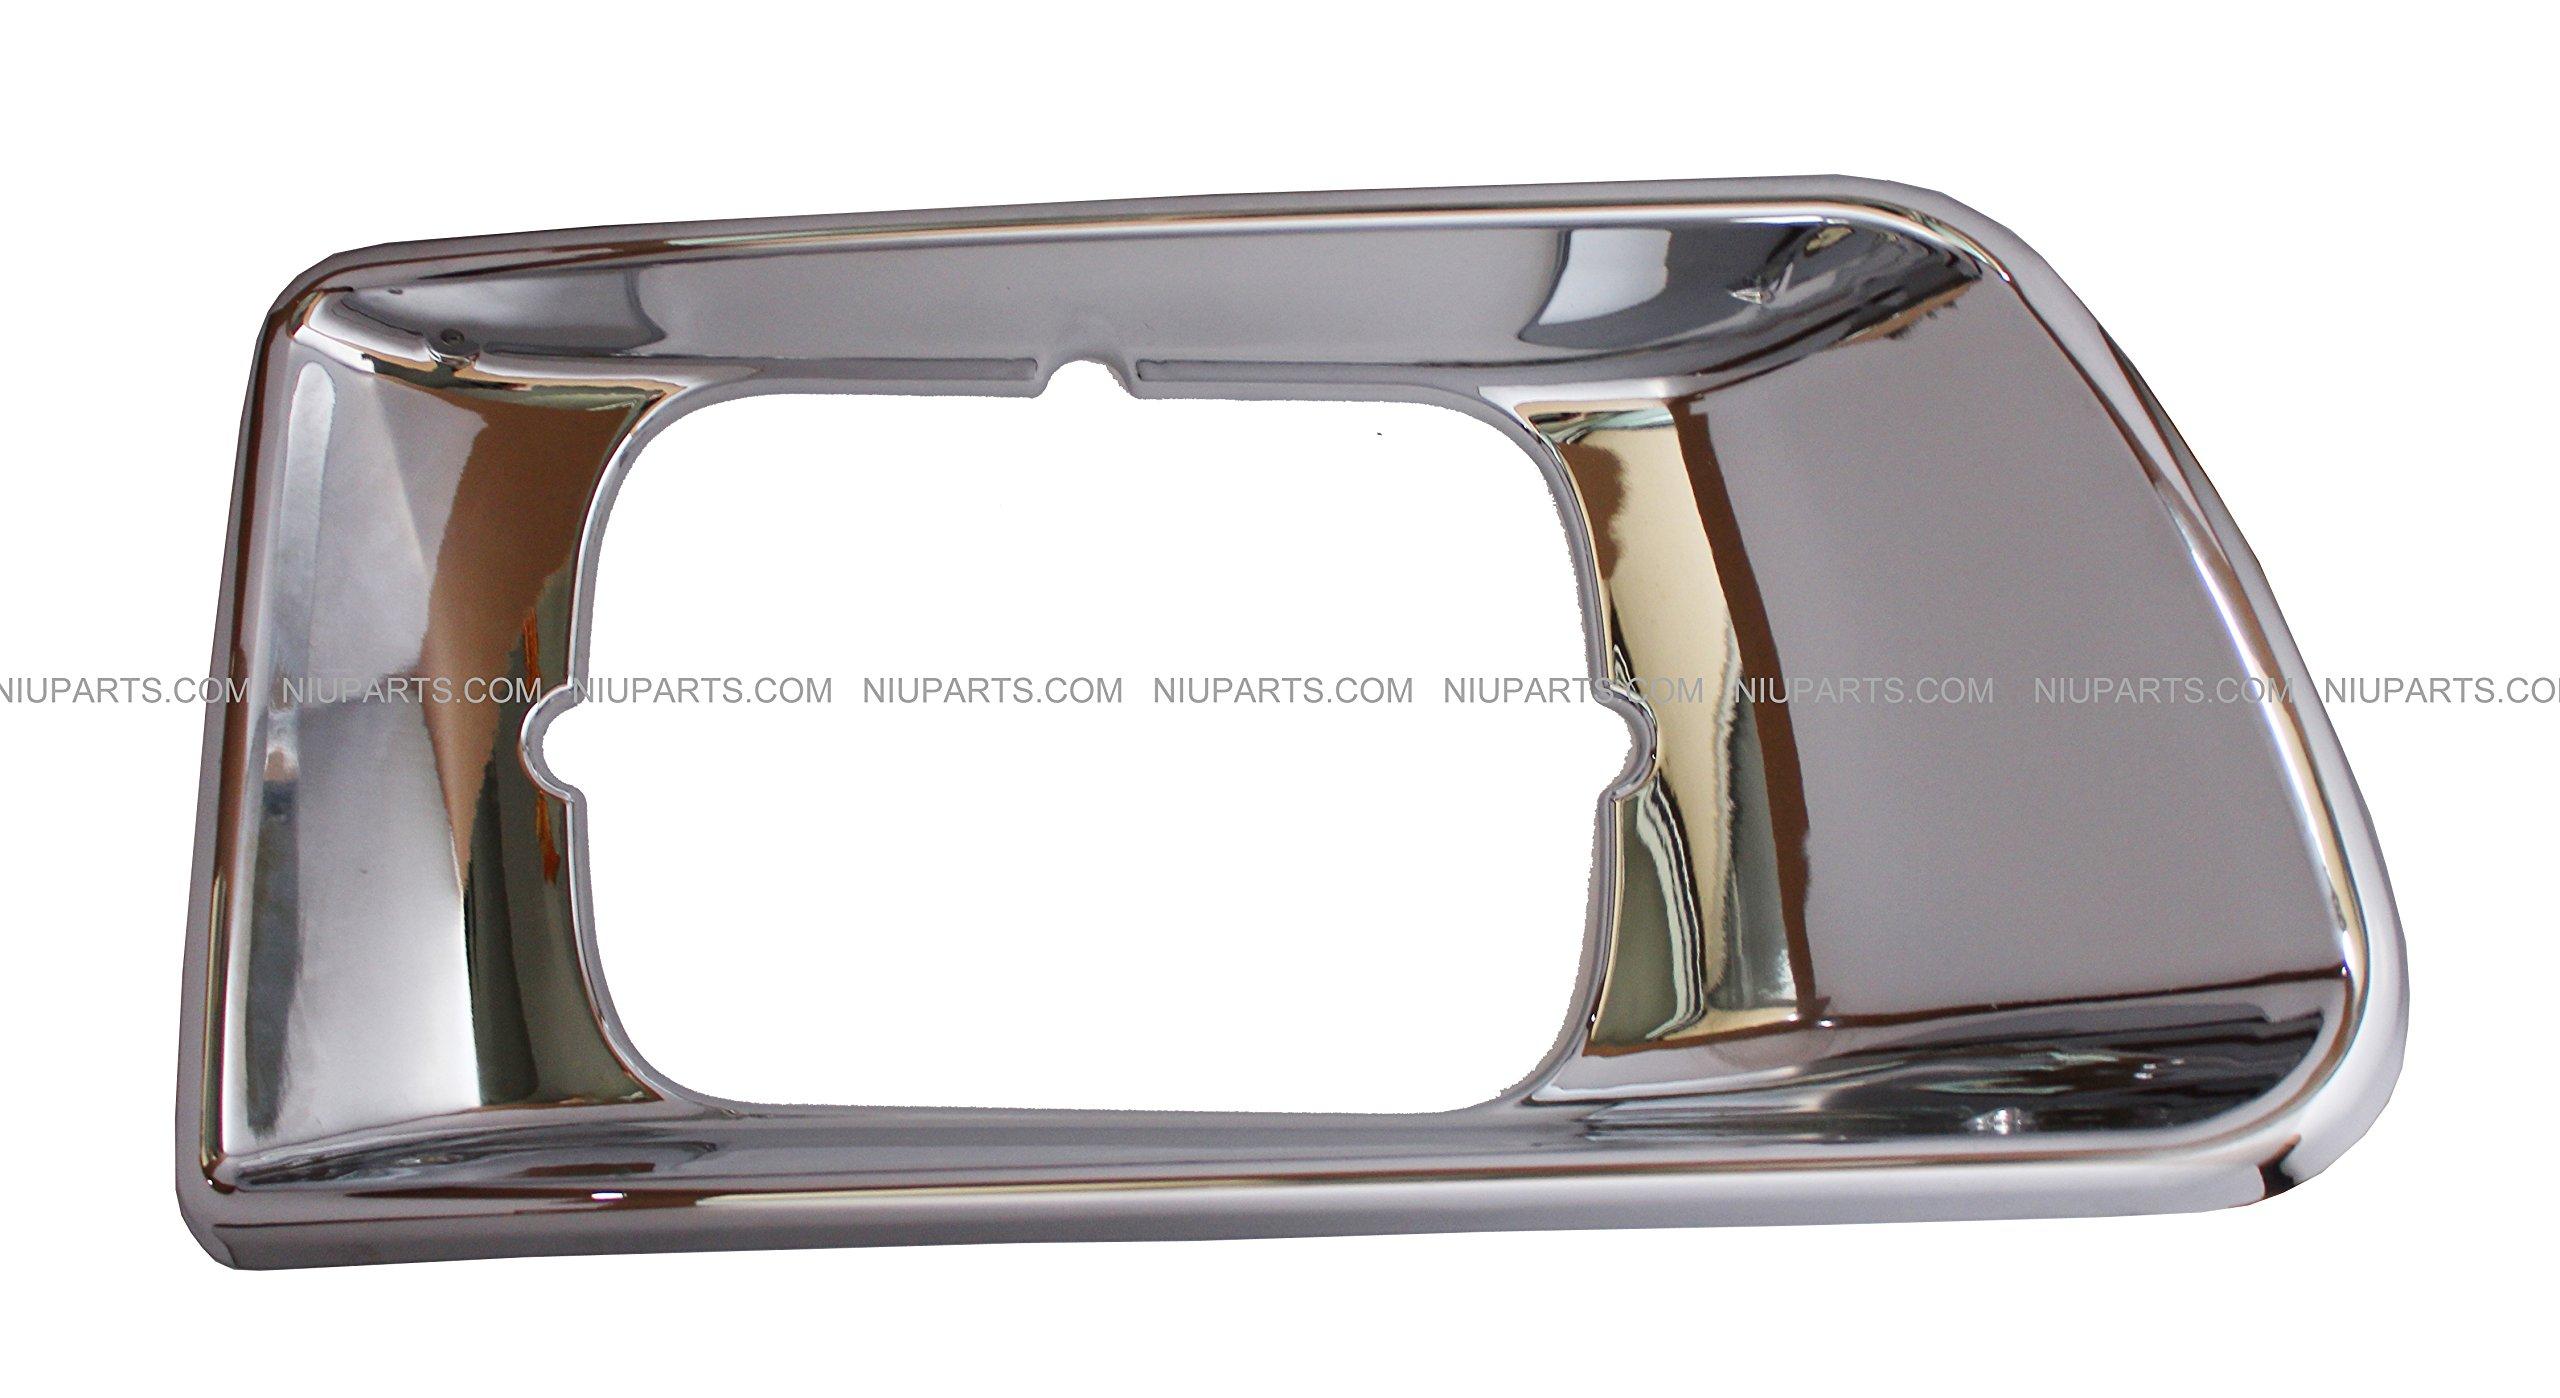 Headlight Bezel Chrome - Passenger Side (Fit; Kenworth T300 T330)